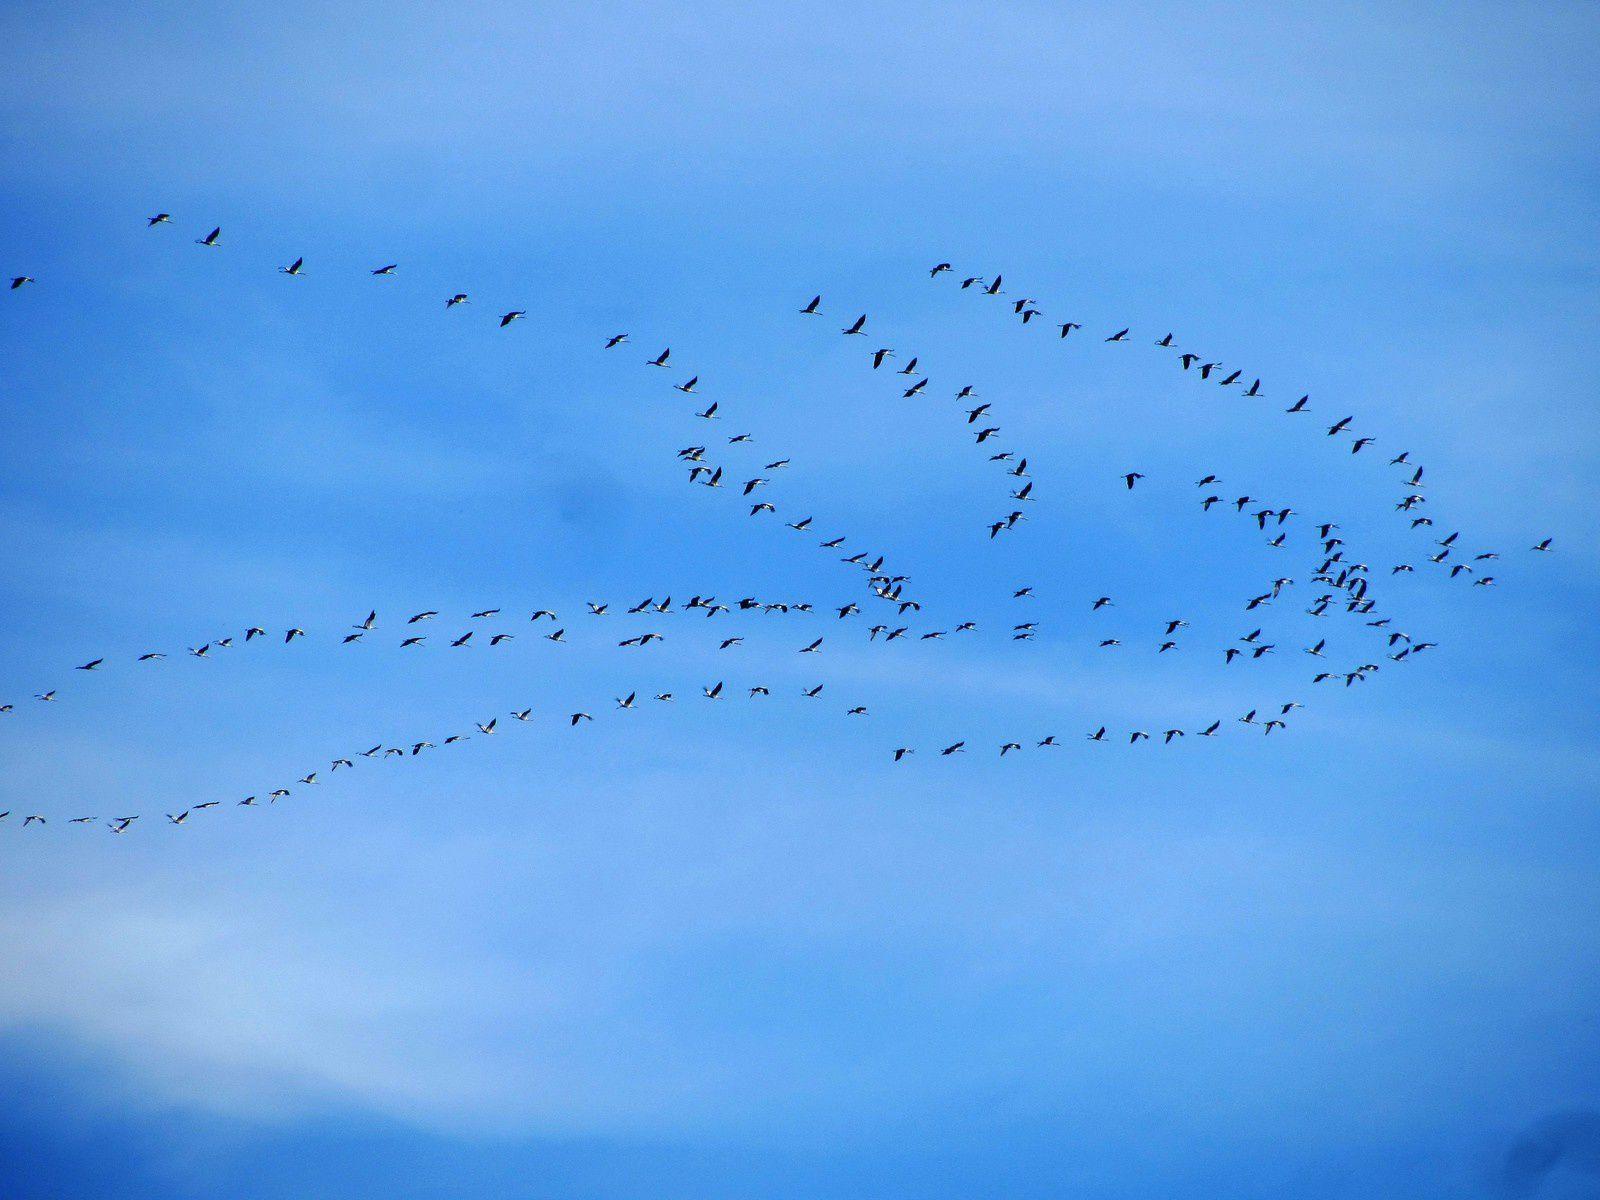 """Dans le ciel si bleu de novembre passaient par vagues, les vols de grues. Leur migration vers le soleil est très bruyante, On les entend arriver de loin. Et le """"V"""" dont elles signent dans le ciel ....."""